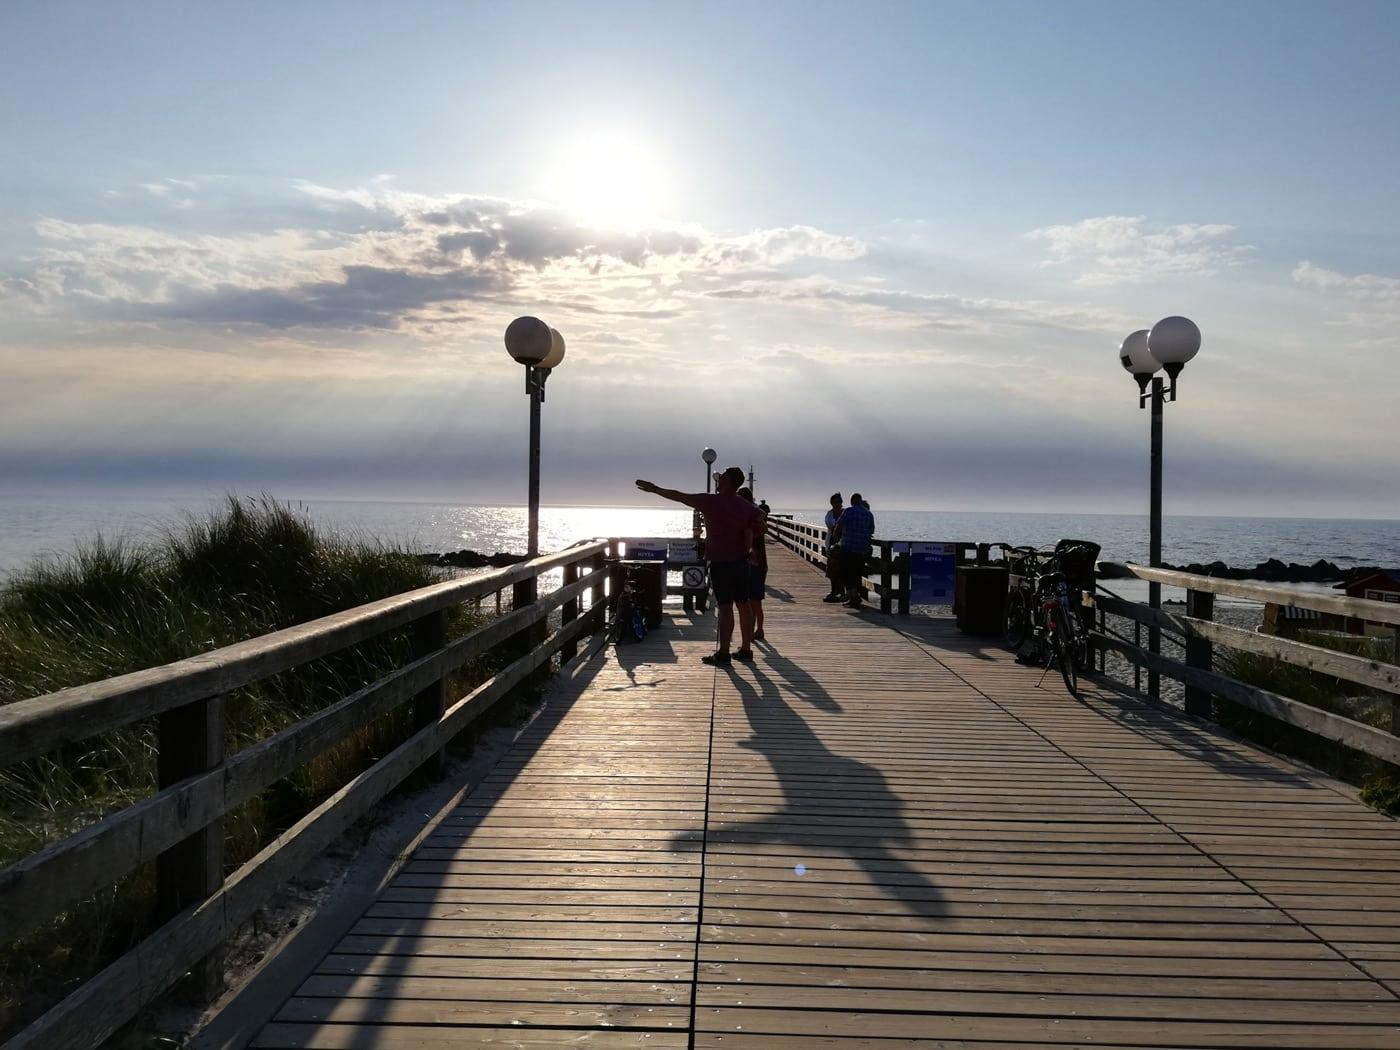 Abends auf dem Pier Urlaub an der Ostsee